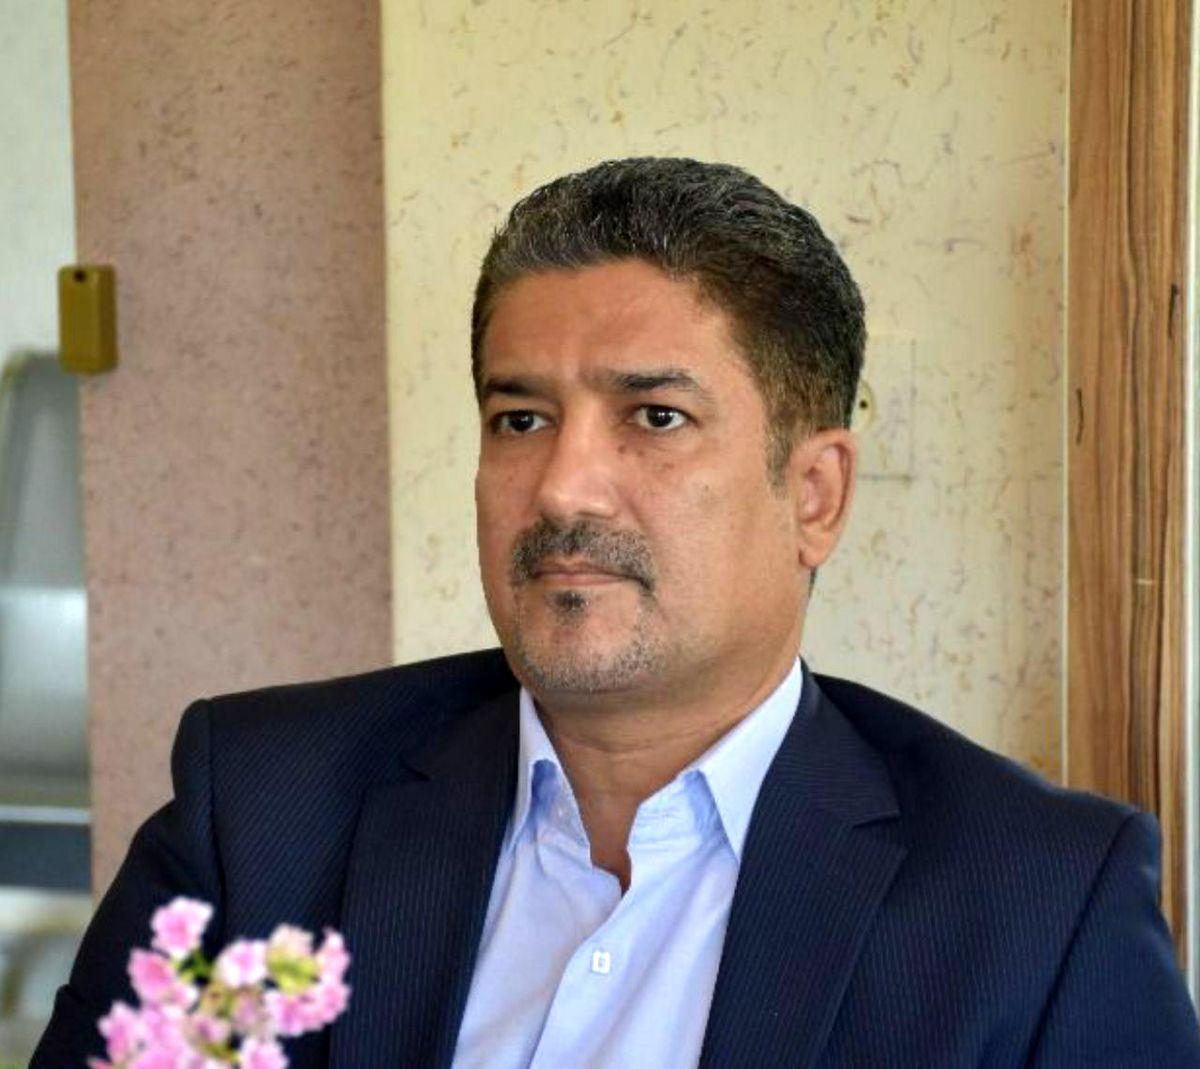 برقراری ۱۳ هزار و ۵۸۵ تماس با اورژانس اجتماعی بهزیستی کرمانشاه(۱۲۳) طی هفت ماه سال جاری